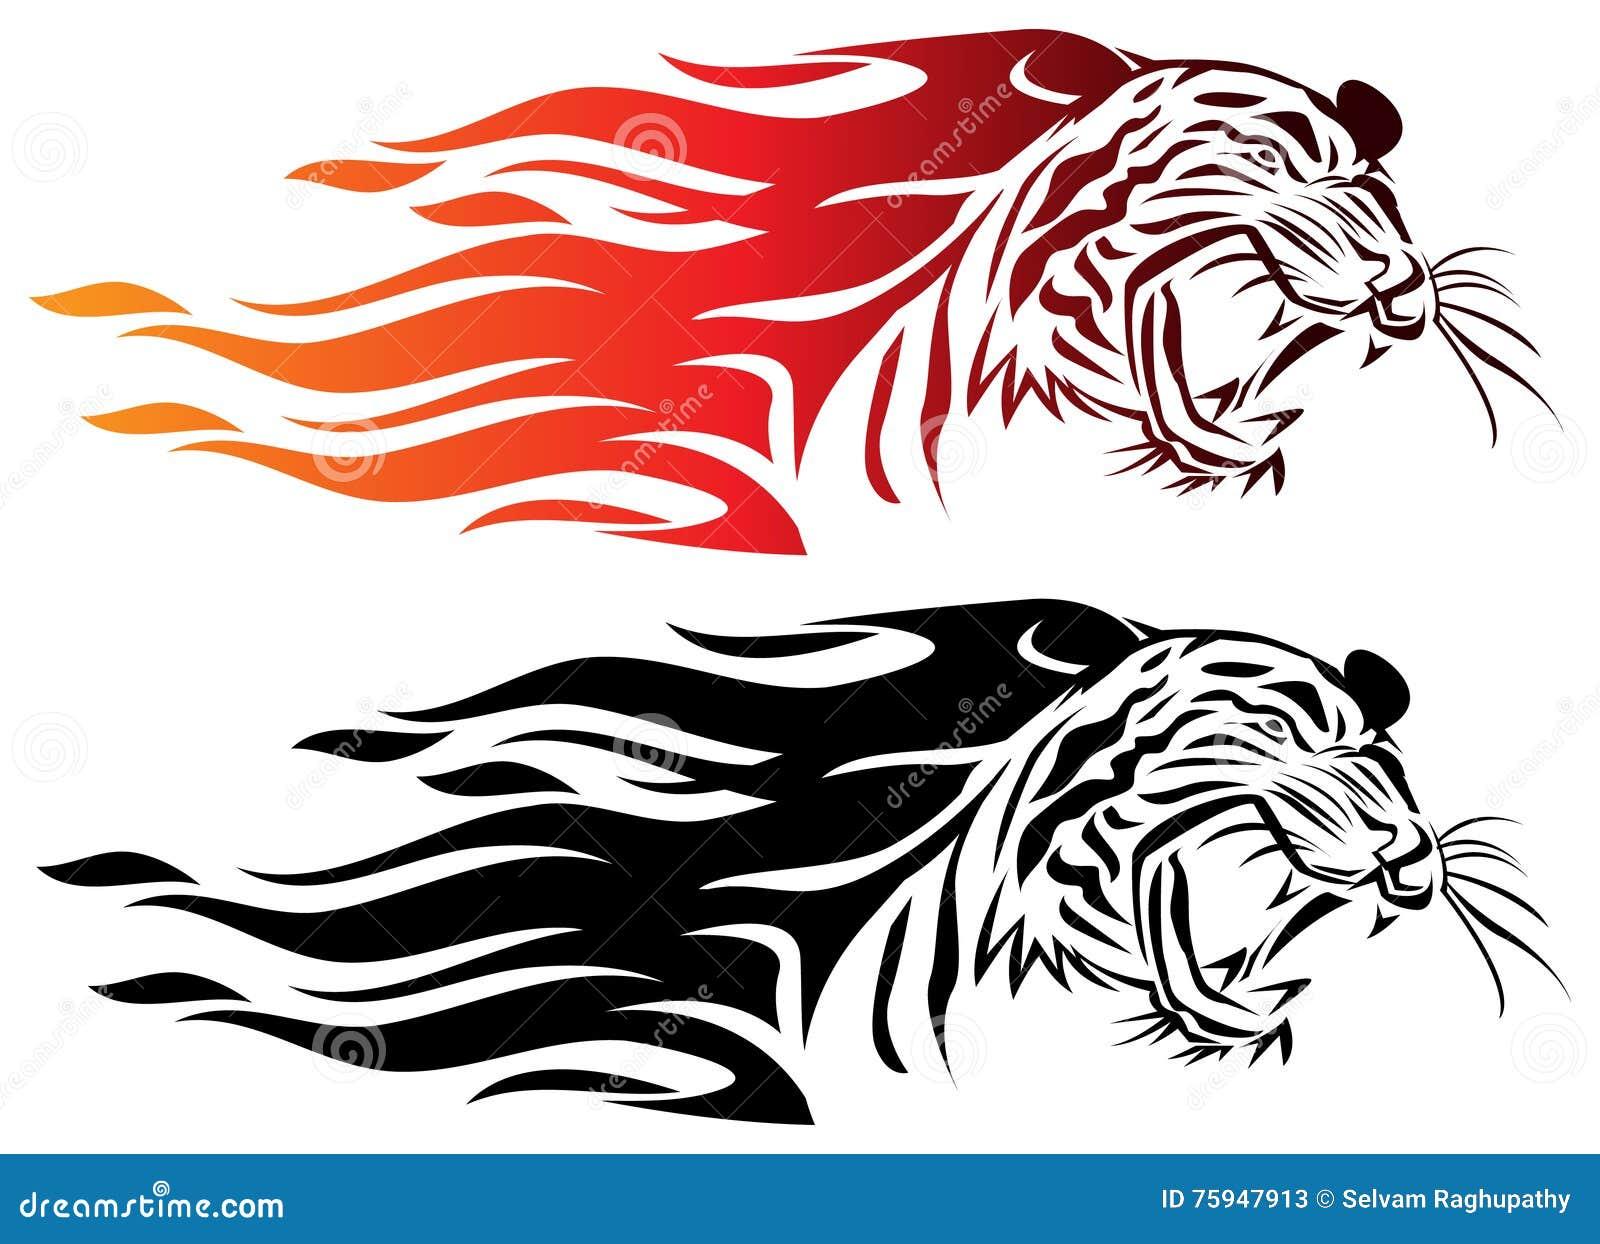 Illustratie op zwarte achtergrond voor ontwerp